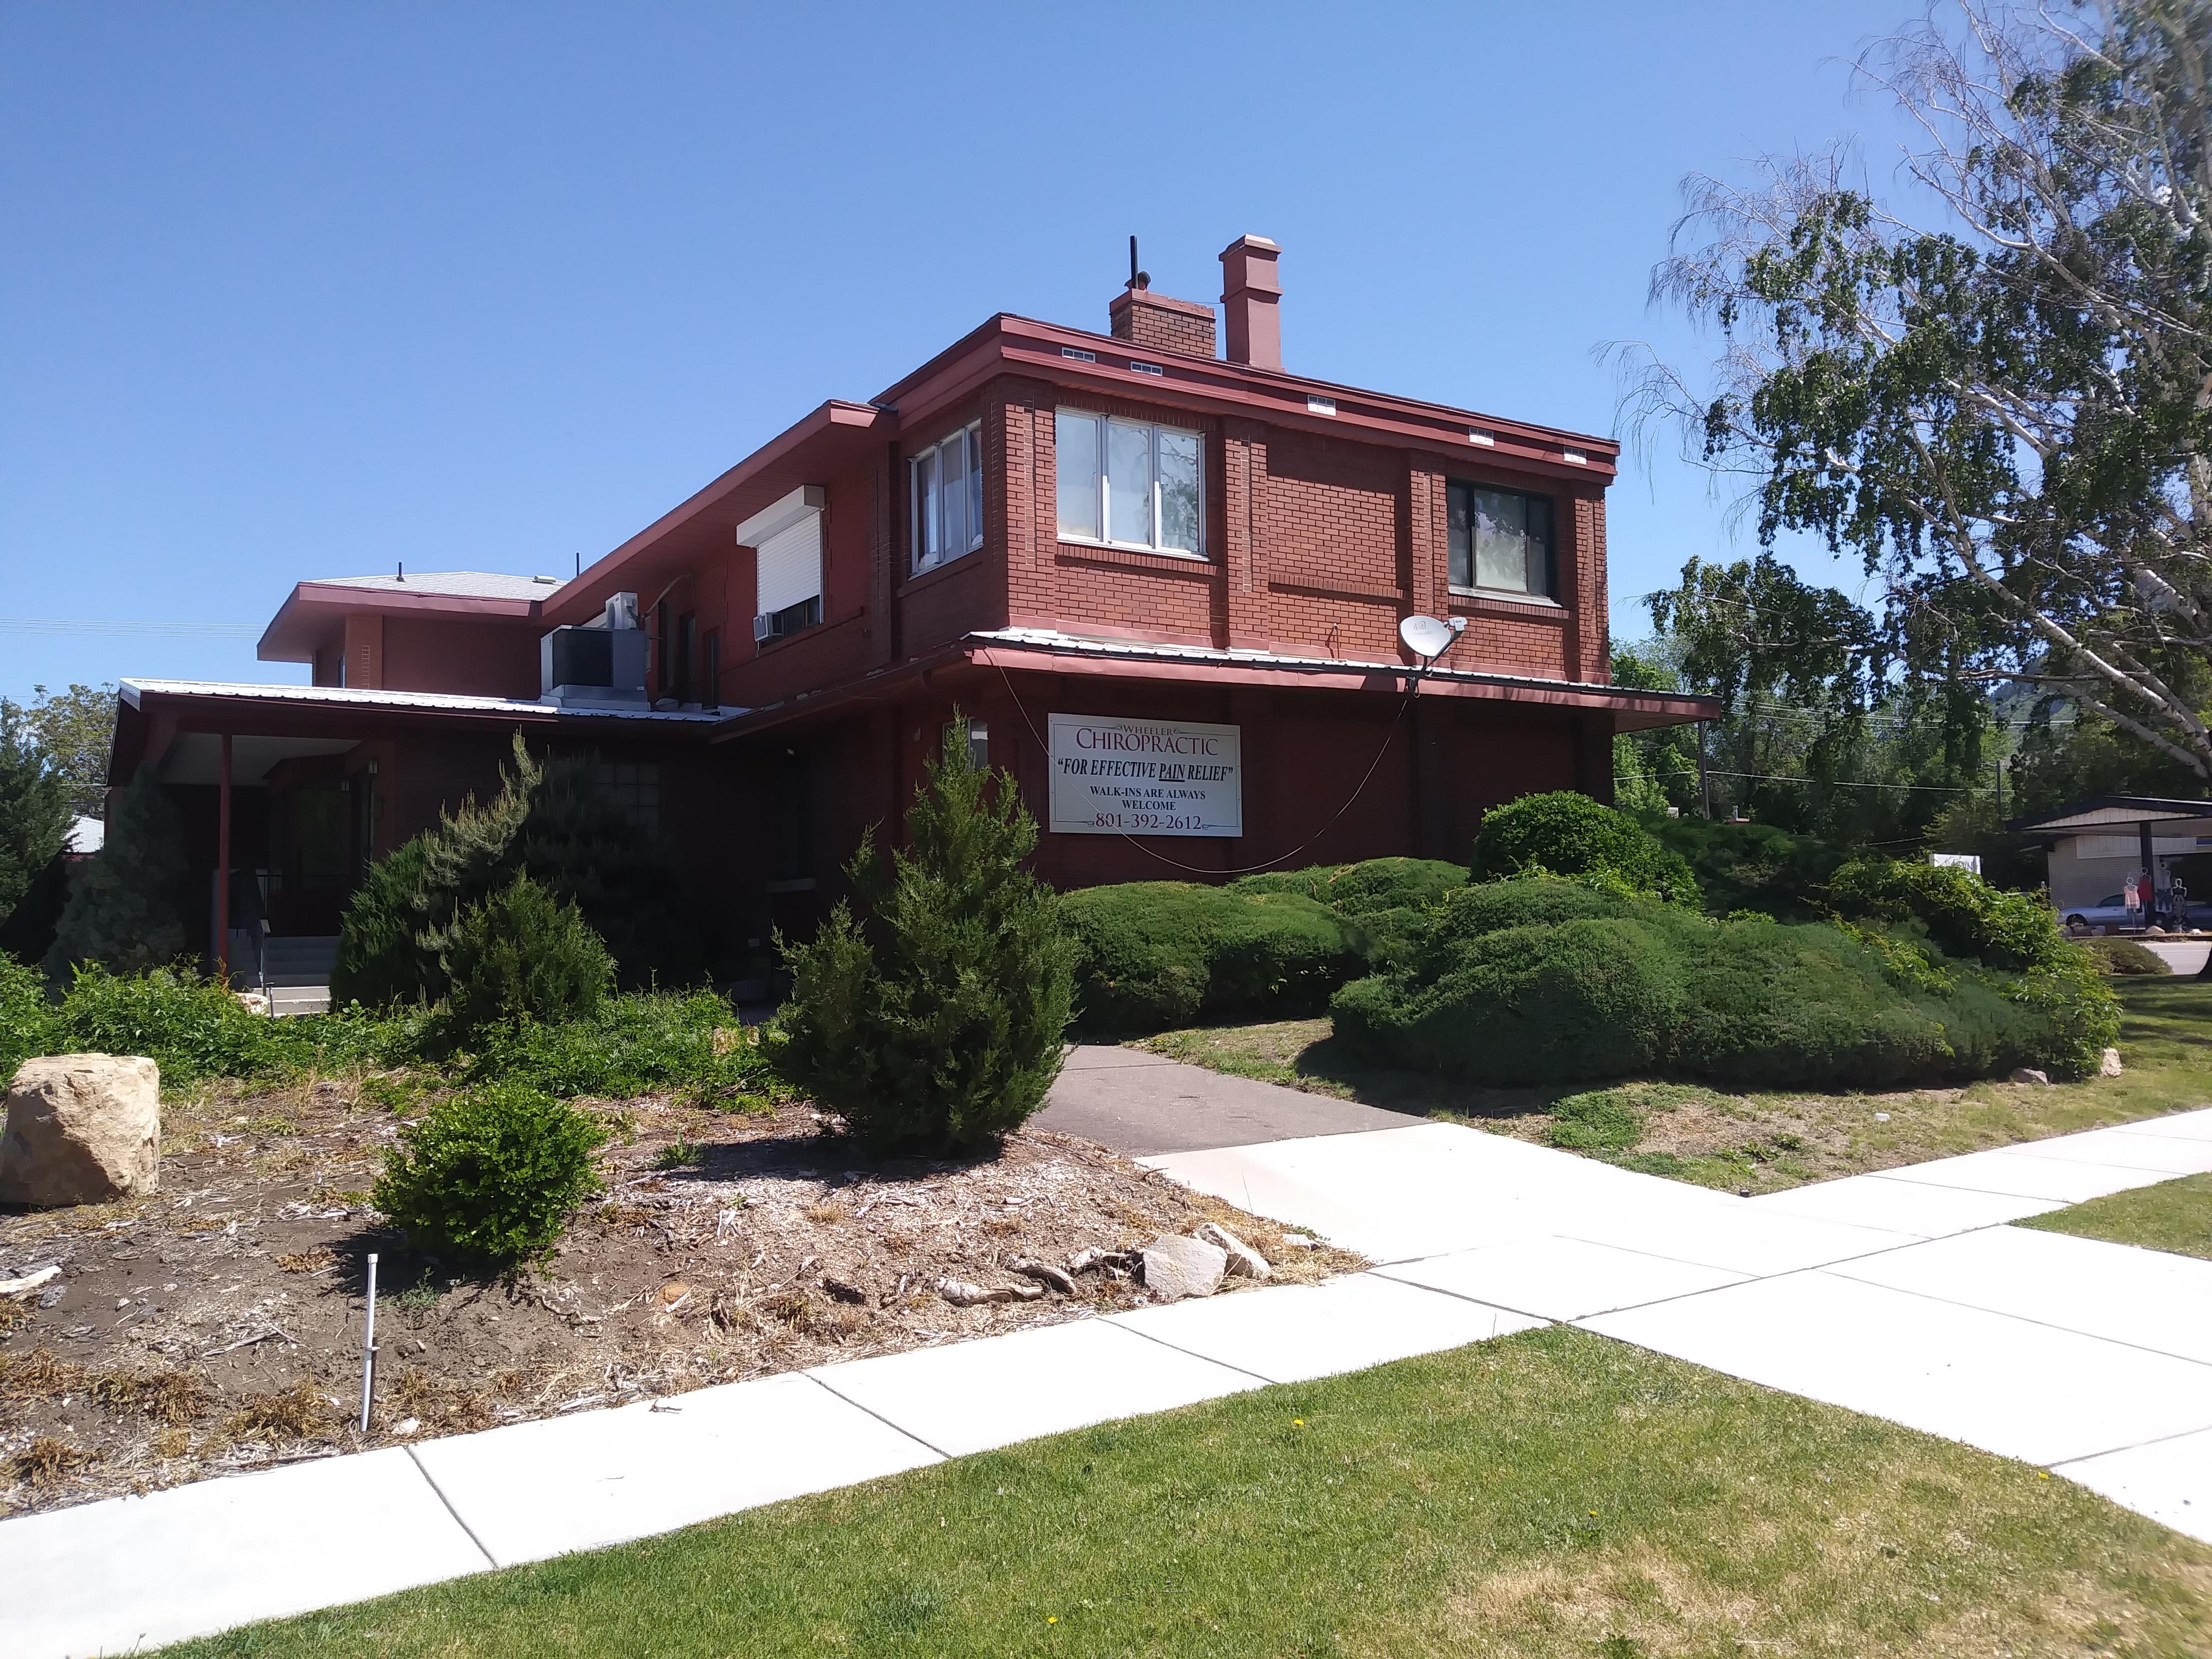 Wheeler Chiropractic Building